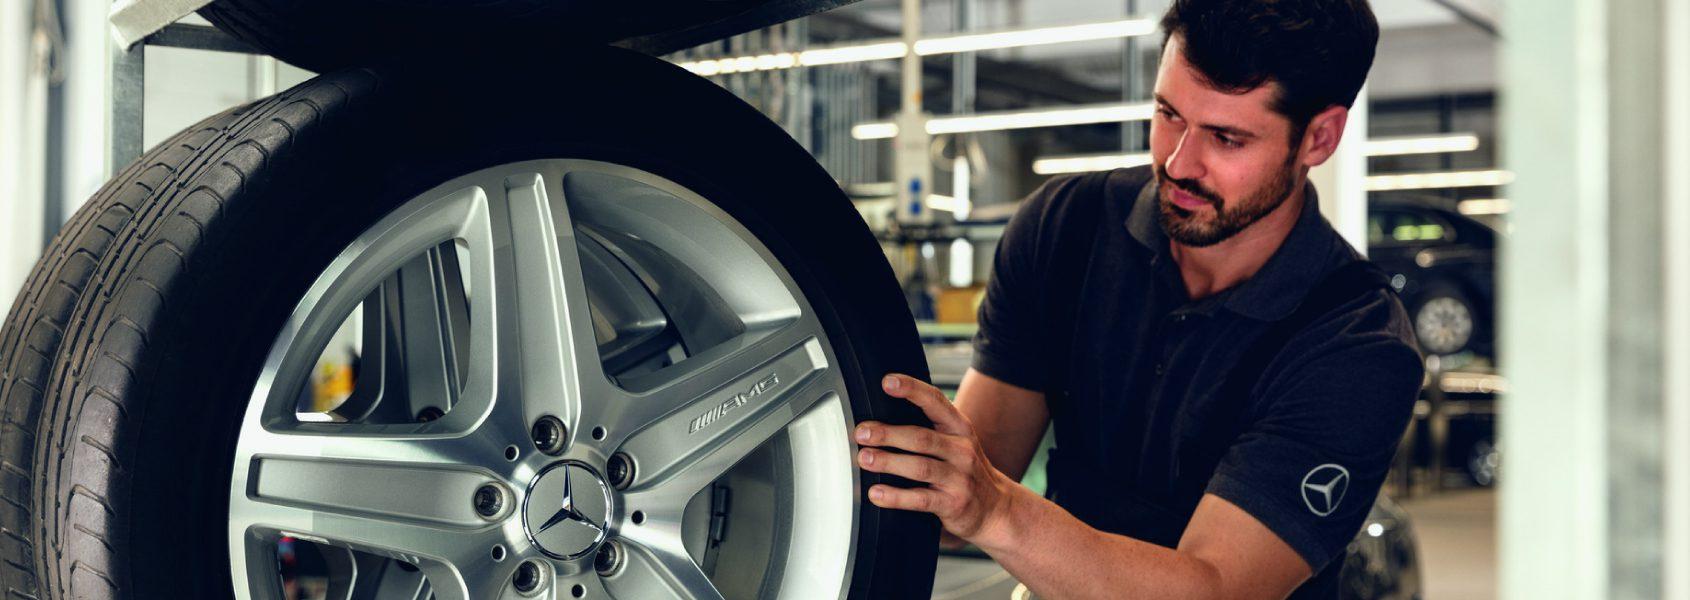 descontos pneus da Caetano Star